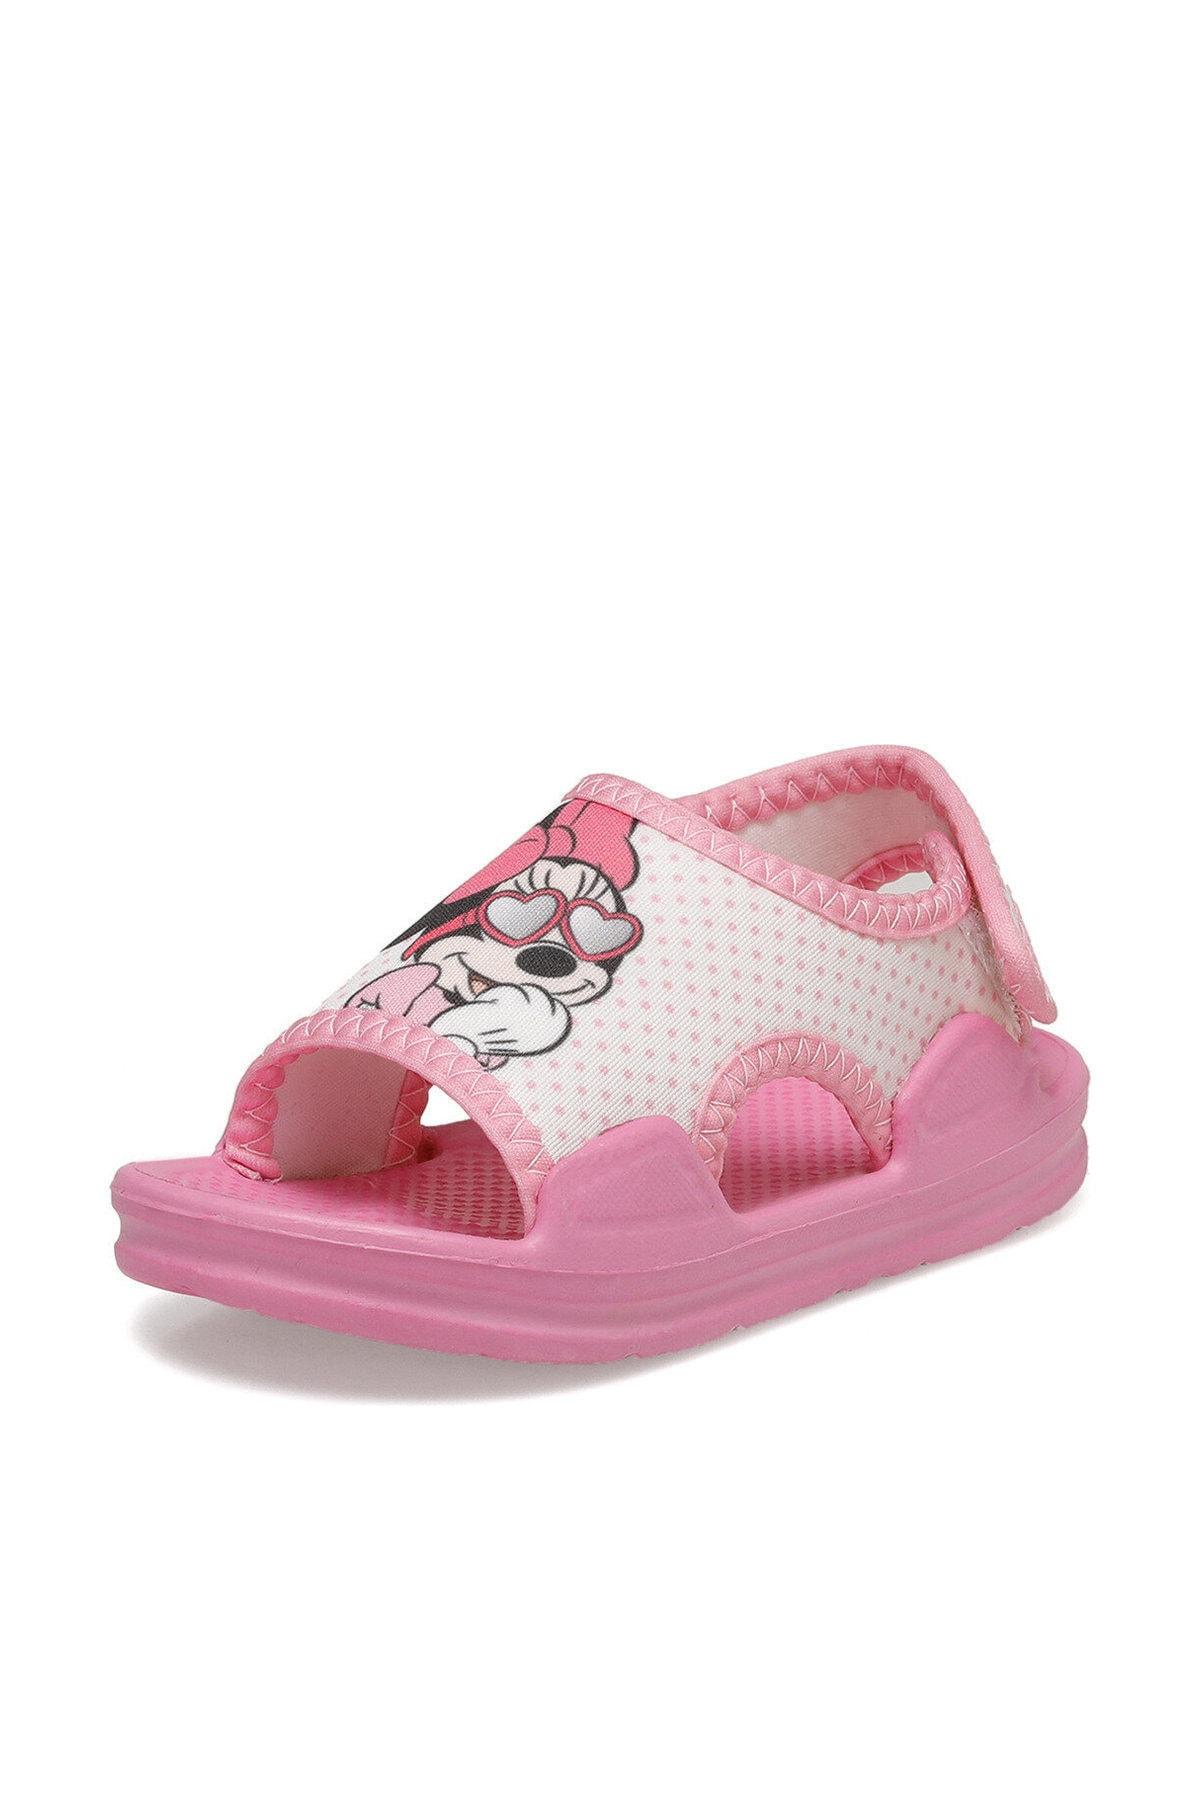 Mickey Mouse 91.tely-2.b Pembe Kız Çocuk Sandalet 1